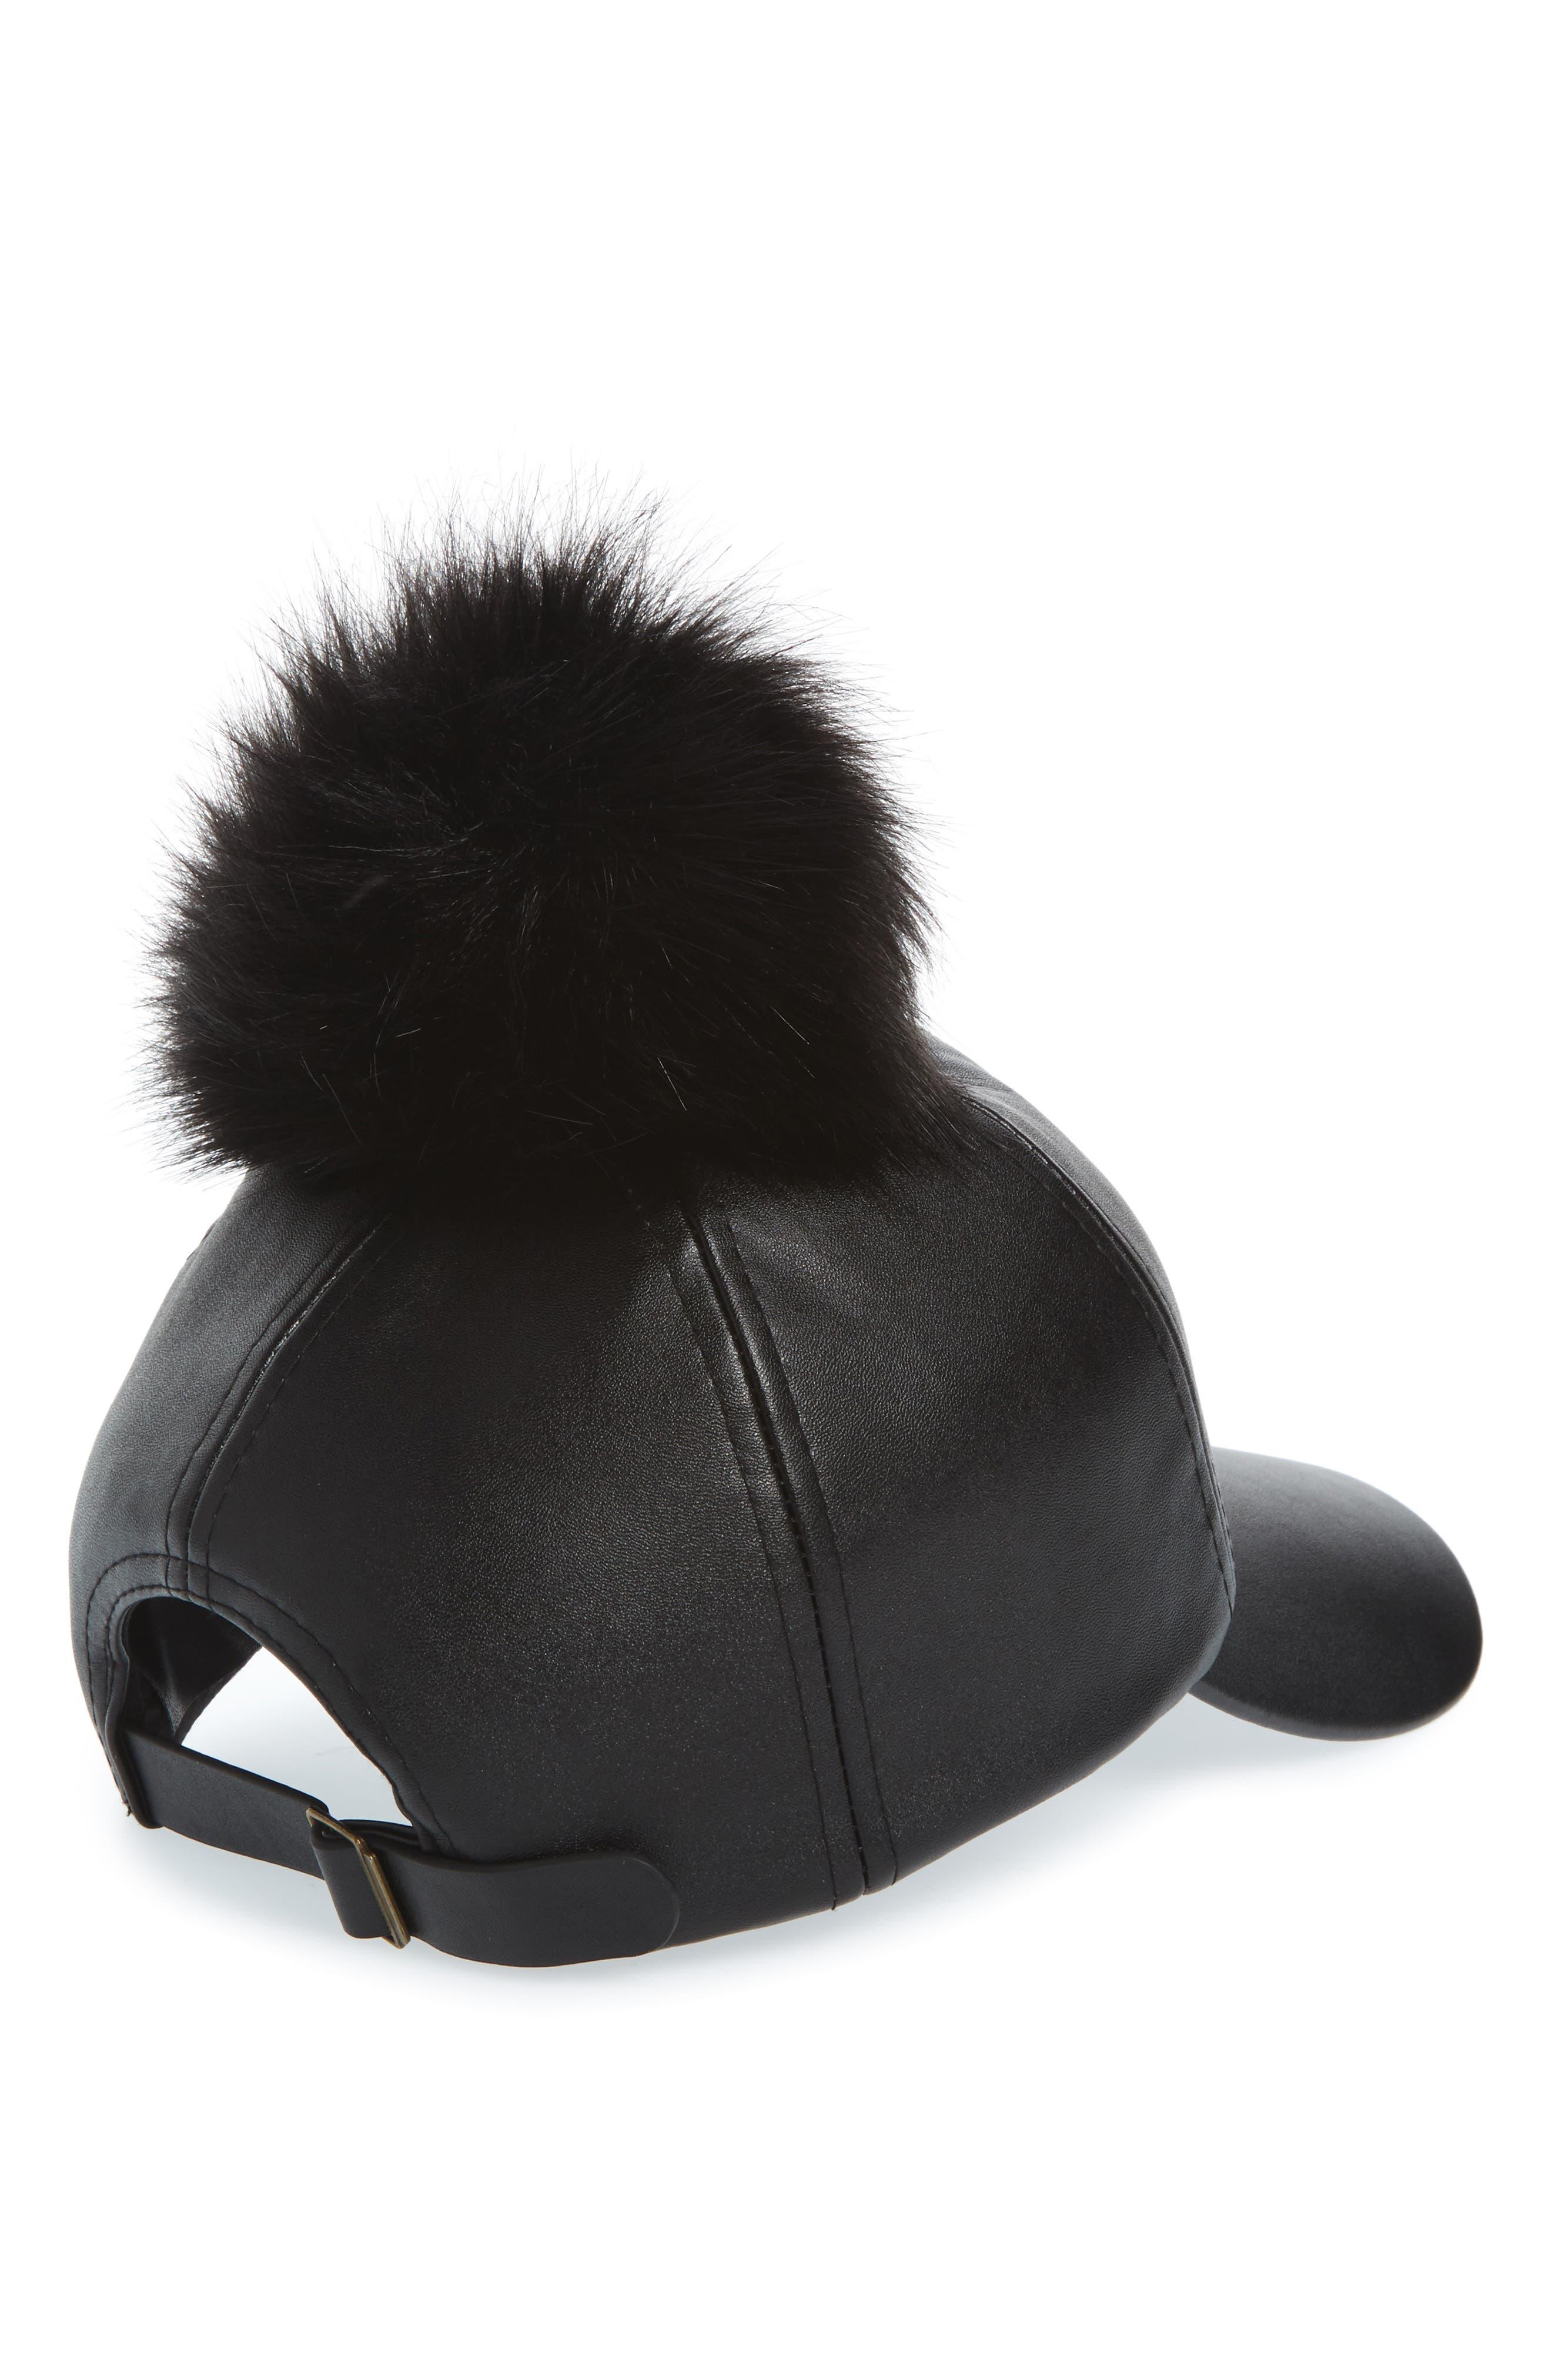 Faux Leather Cap with Faux Fur Pompom,                             Alternate thumbnail 3, color,